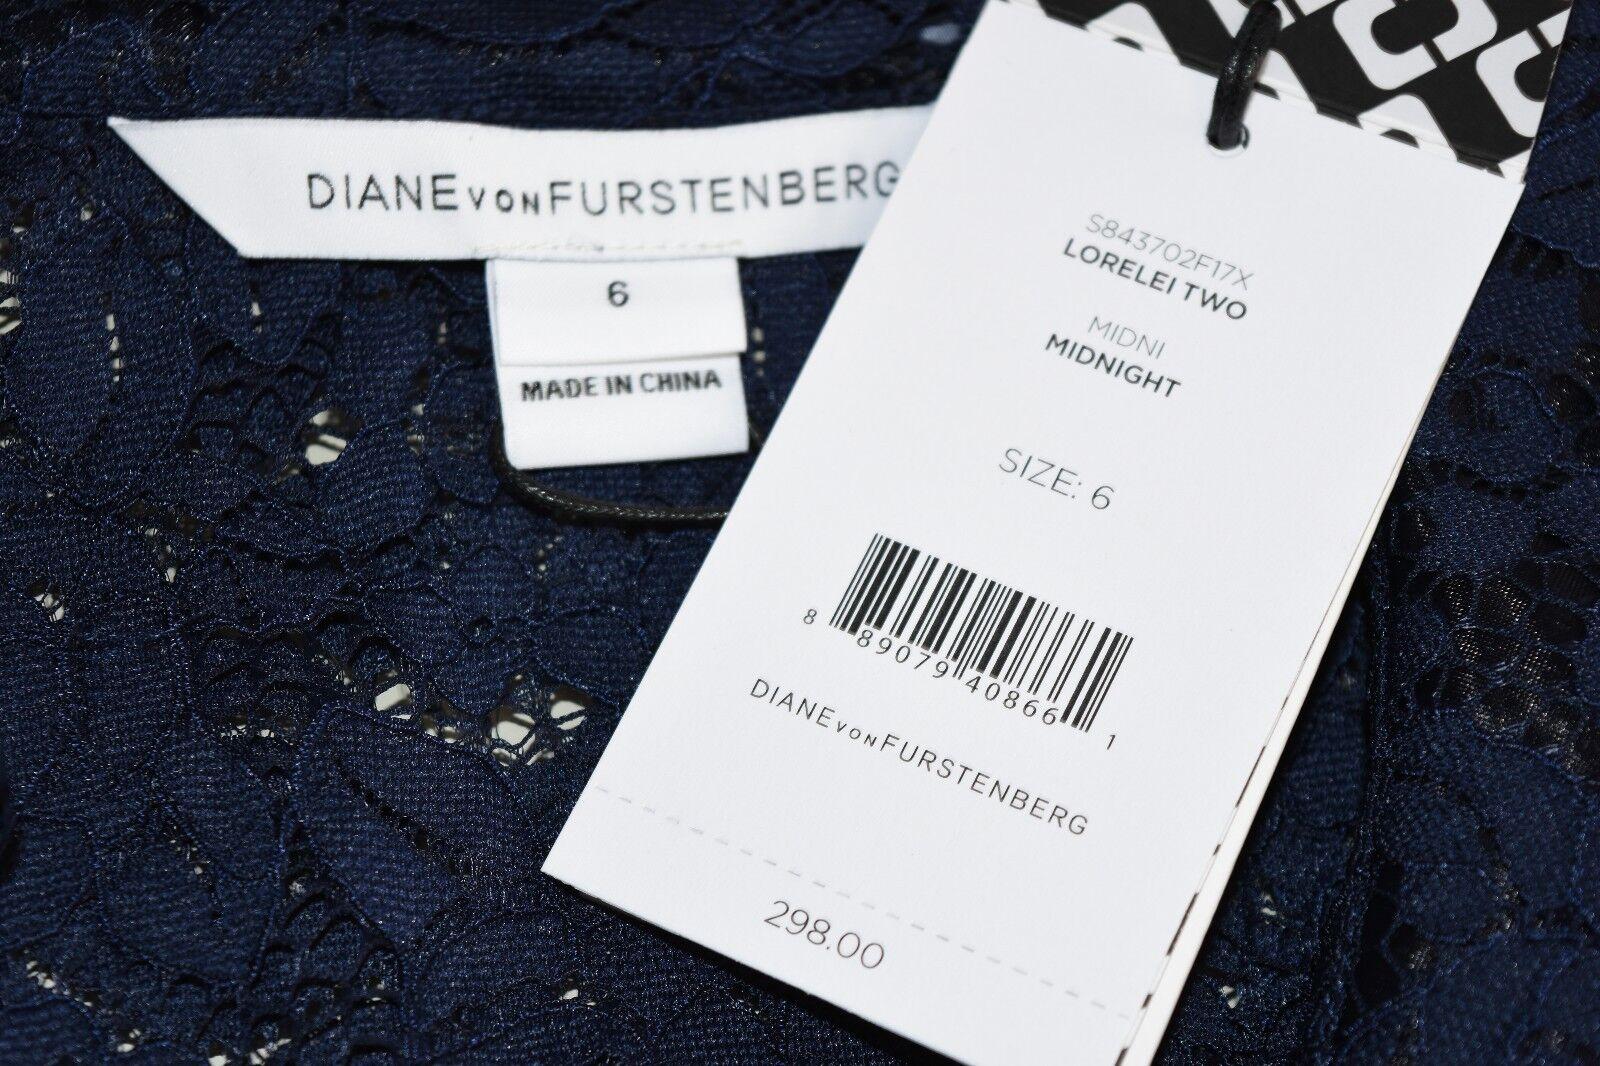 Nuovo Diane Von Furstenberg Dvf Dvf Dvf Lorelei Due Camicetta in Pizzo Ricamo Navy 2 4 6 d6eaa9